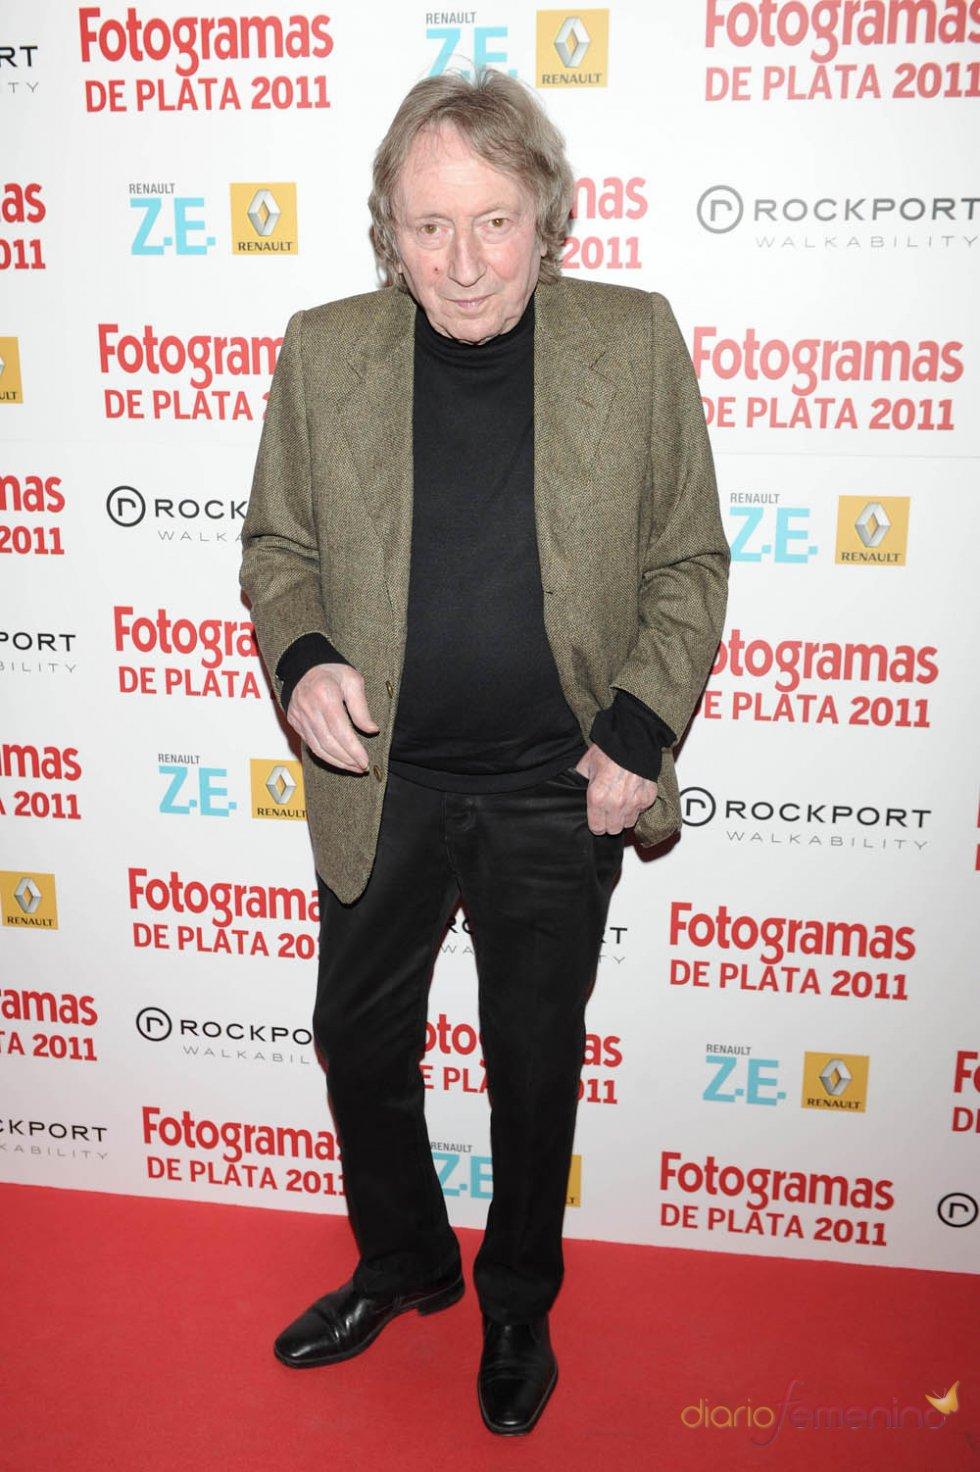 Elías Querejeta durante la celebración de los premios Fotogramas de Plata 2011